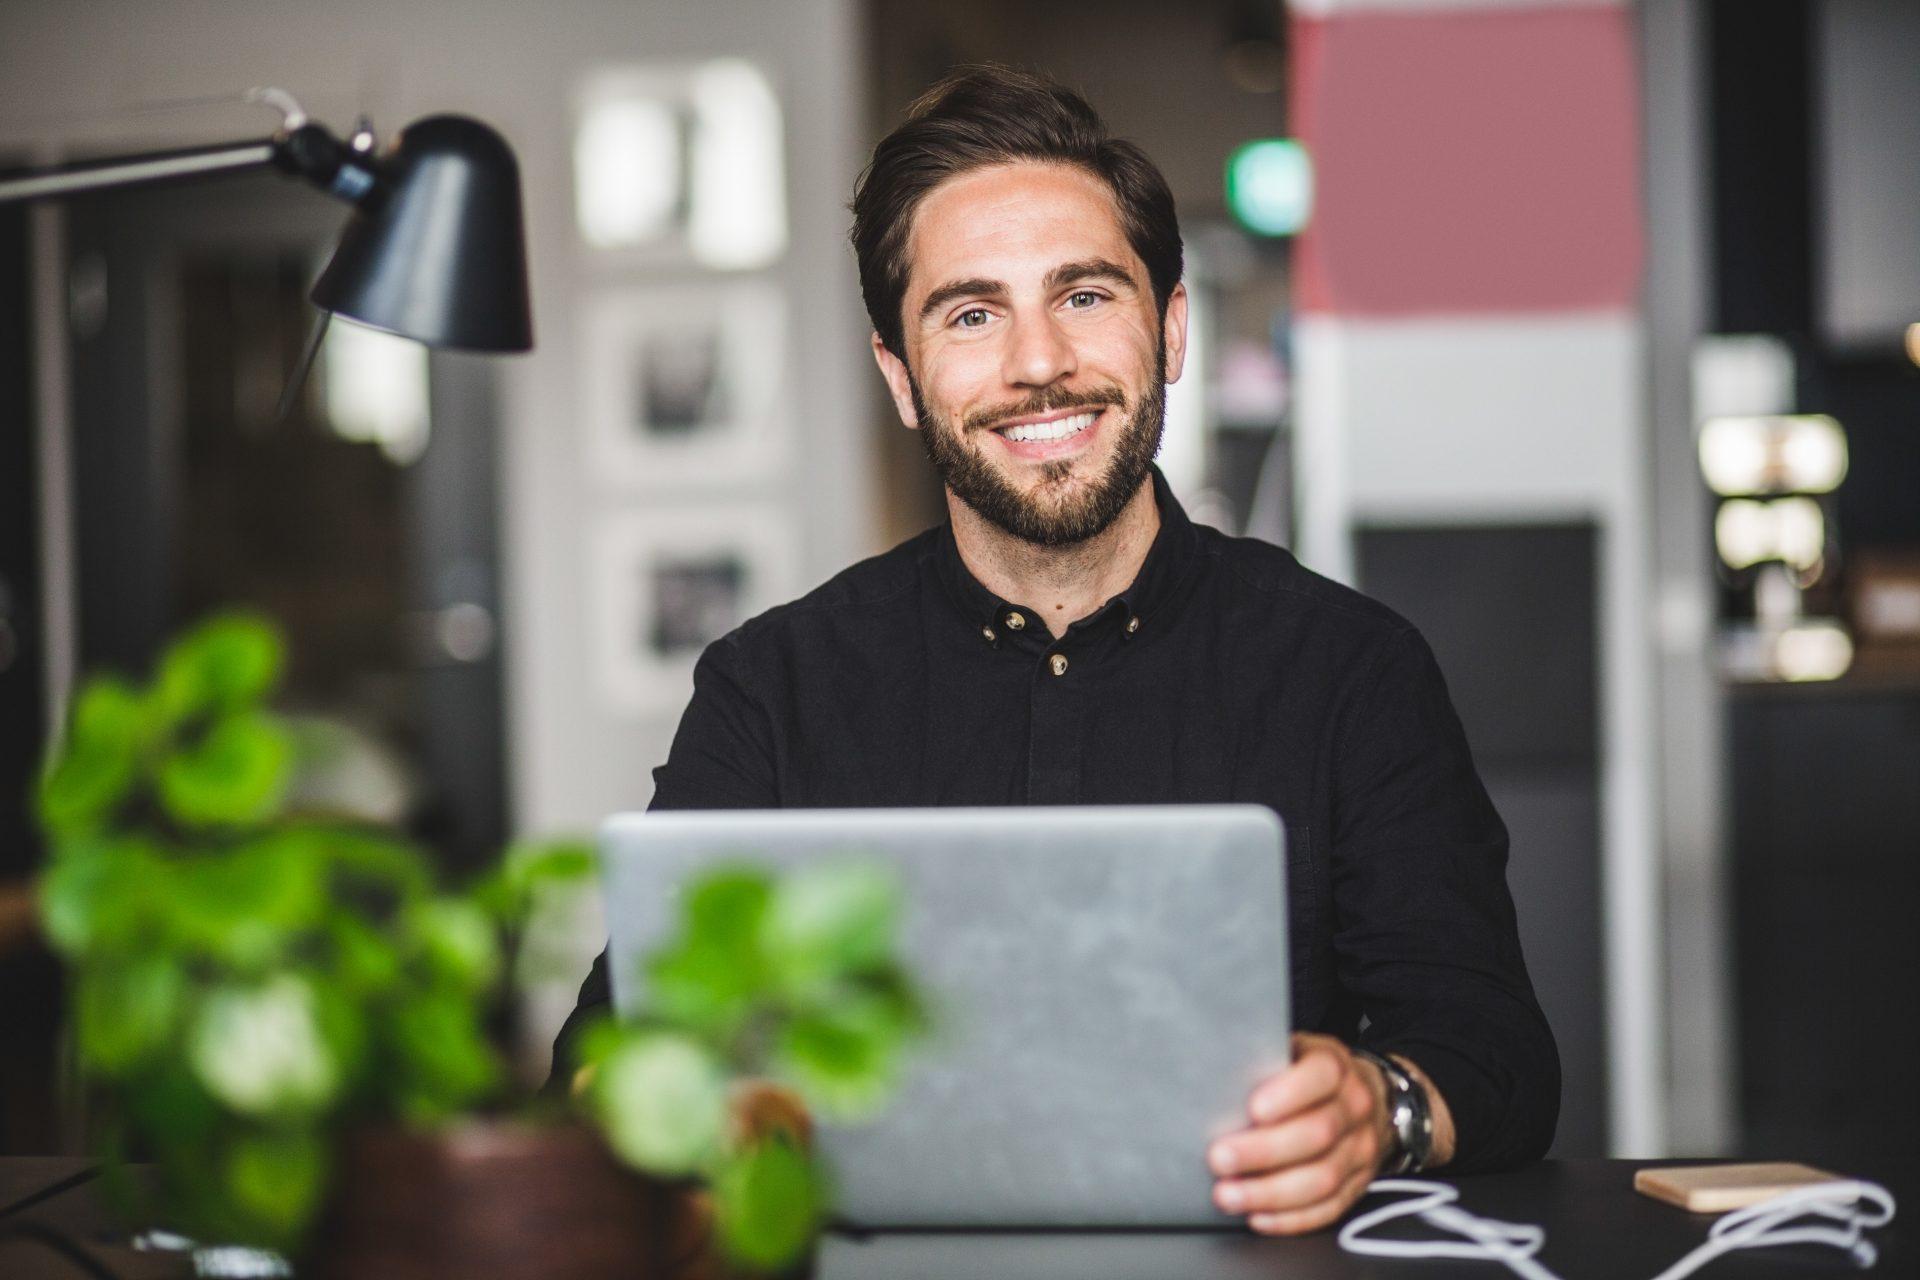 Mann smiler foran PC